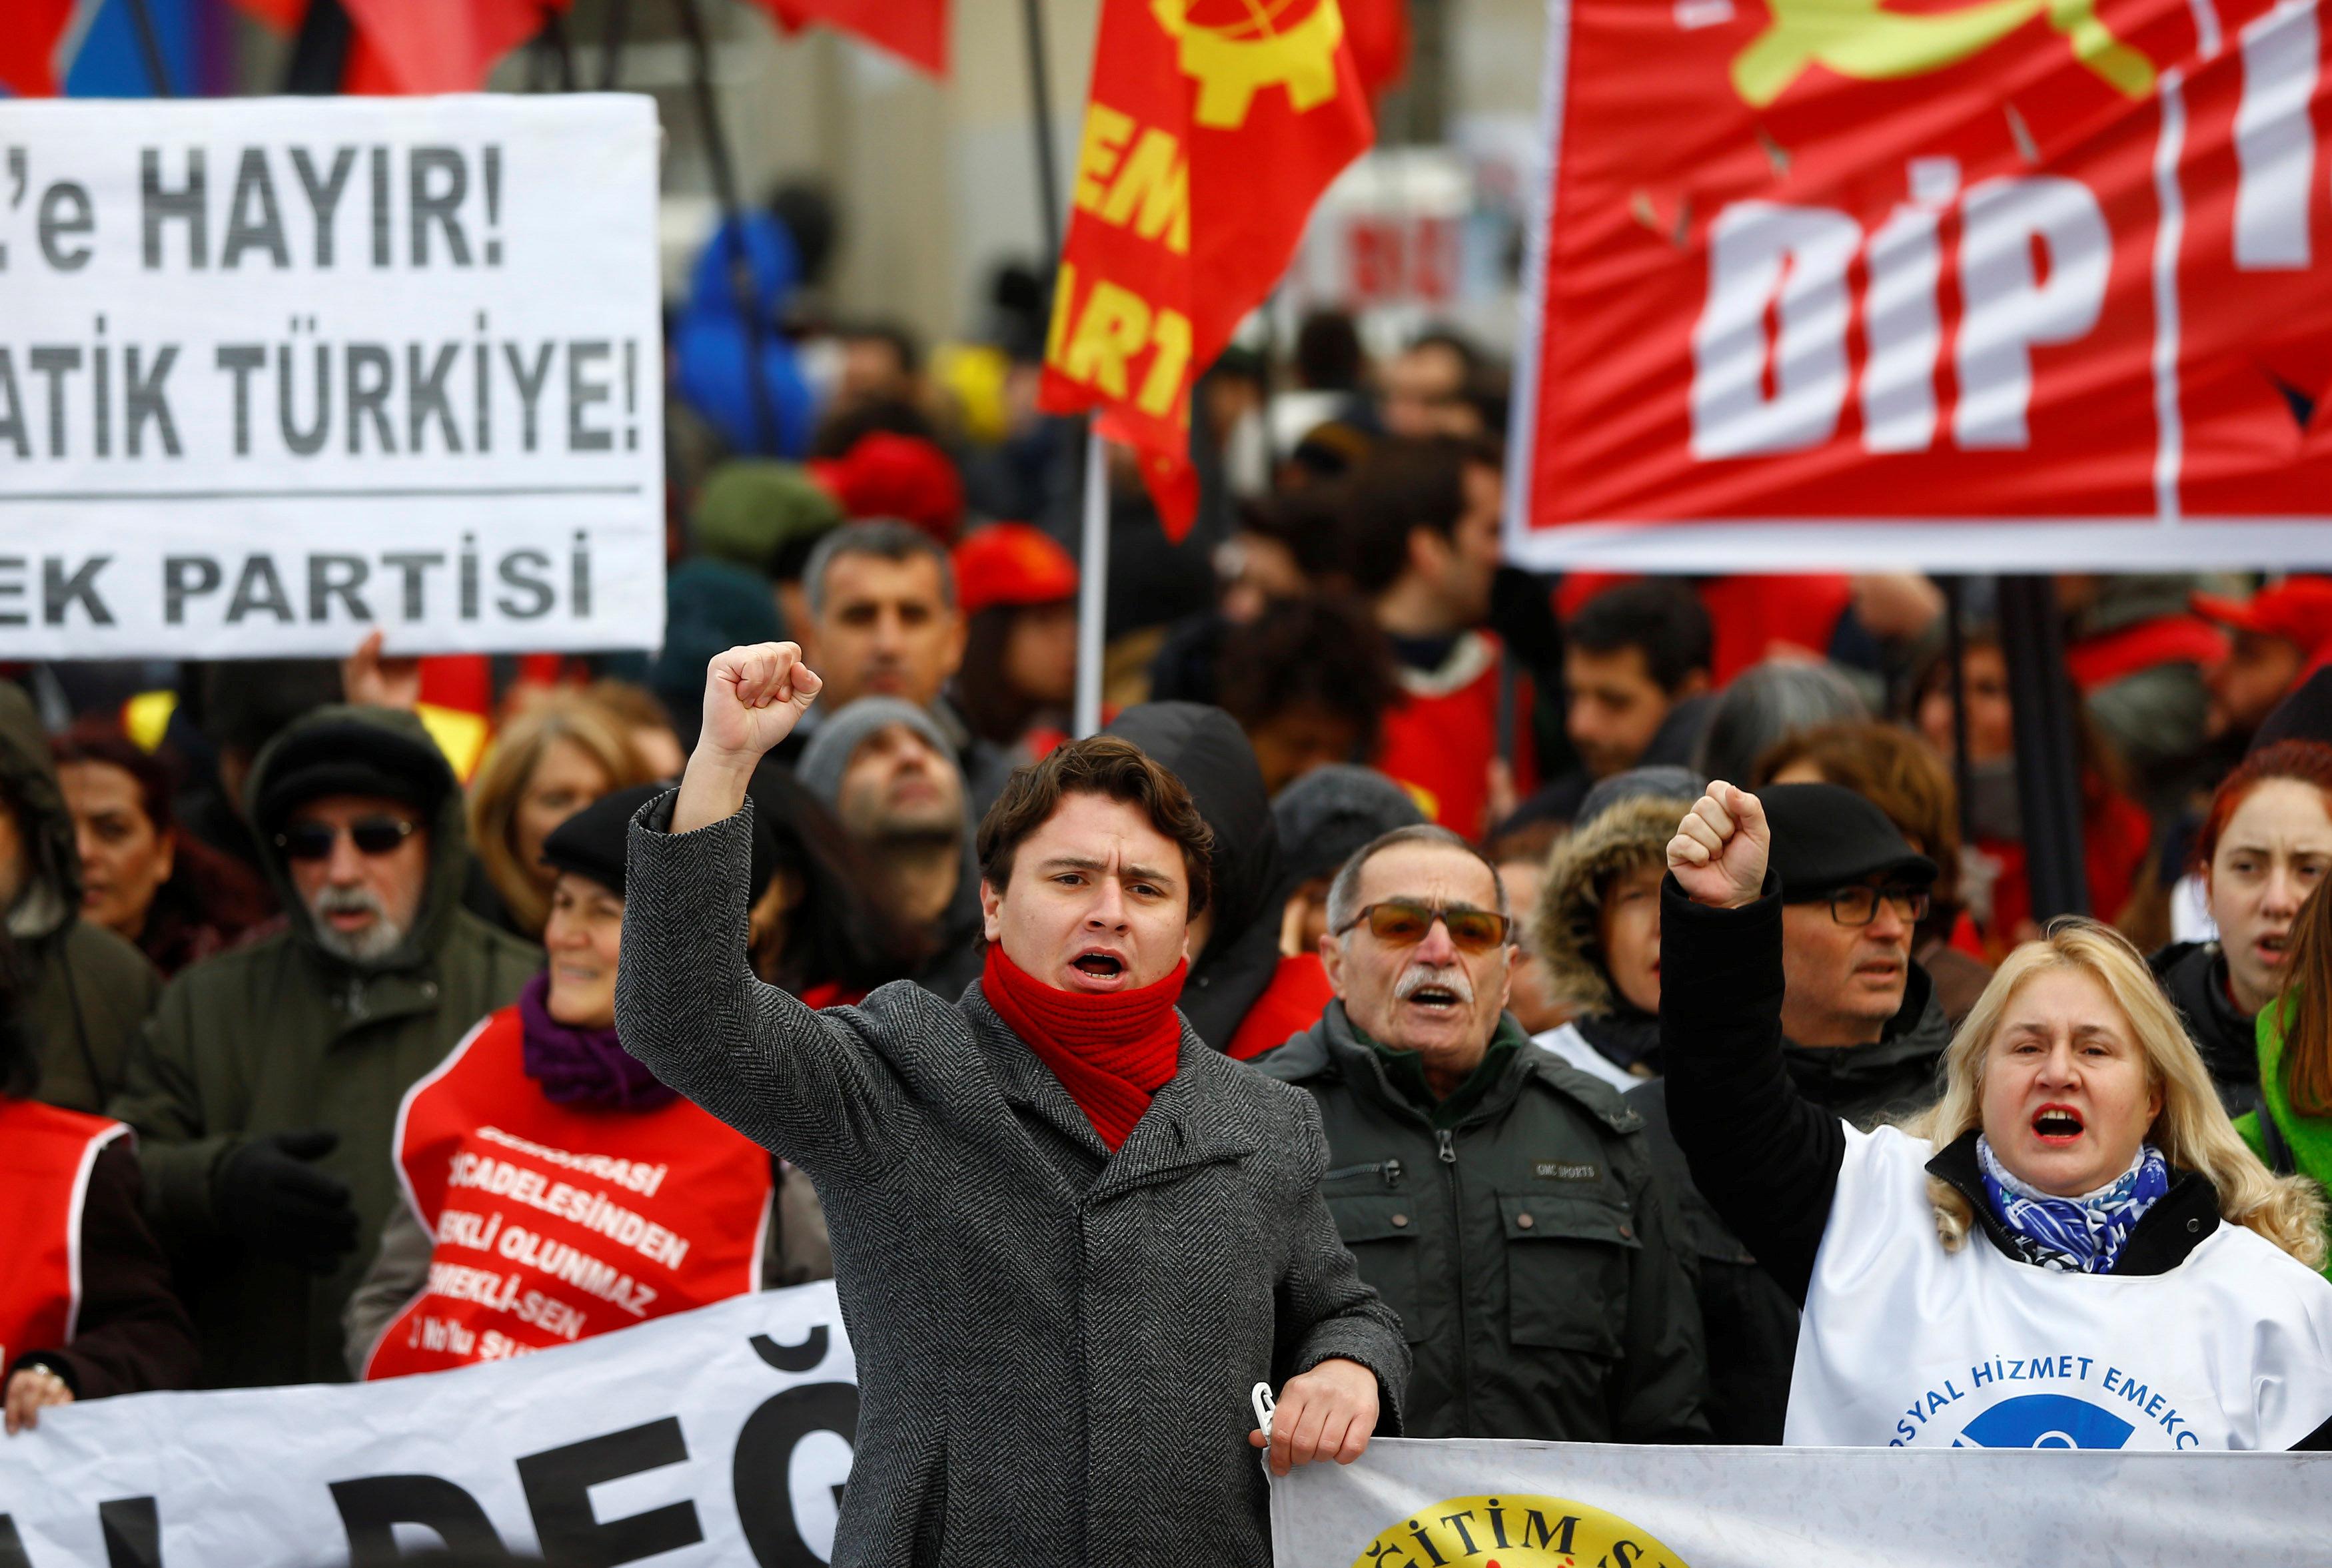 L'ONU dénonce état d'urgence et violations des droits en Turquie